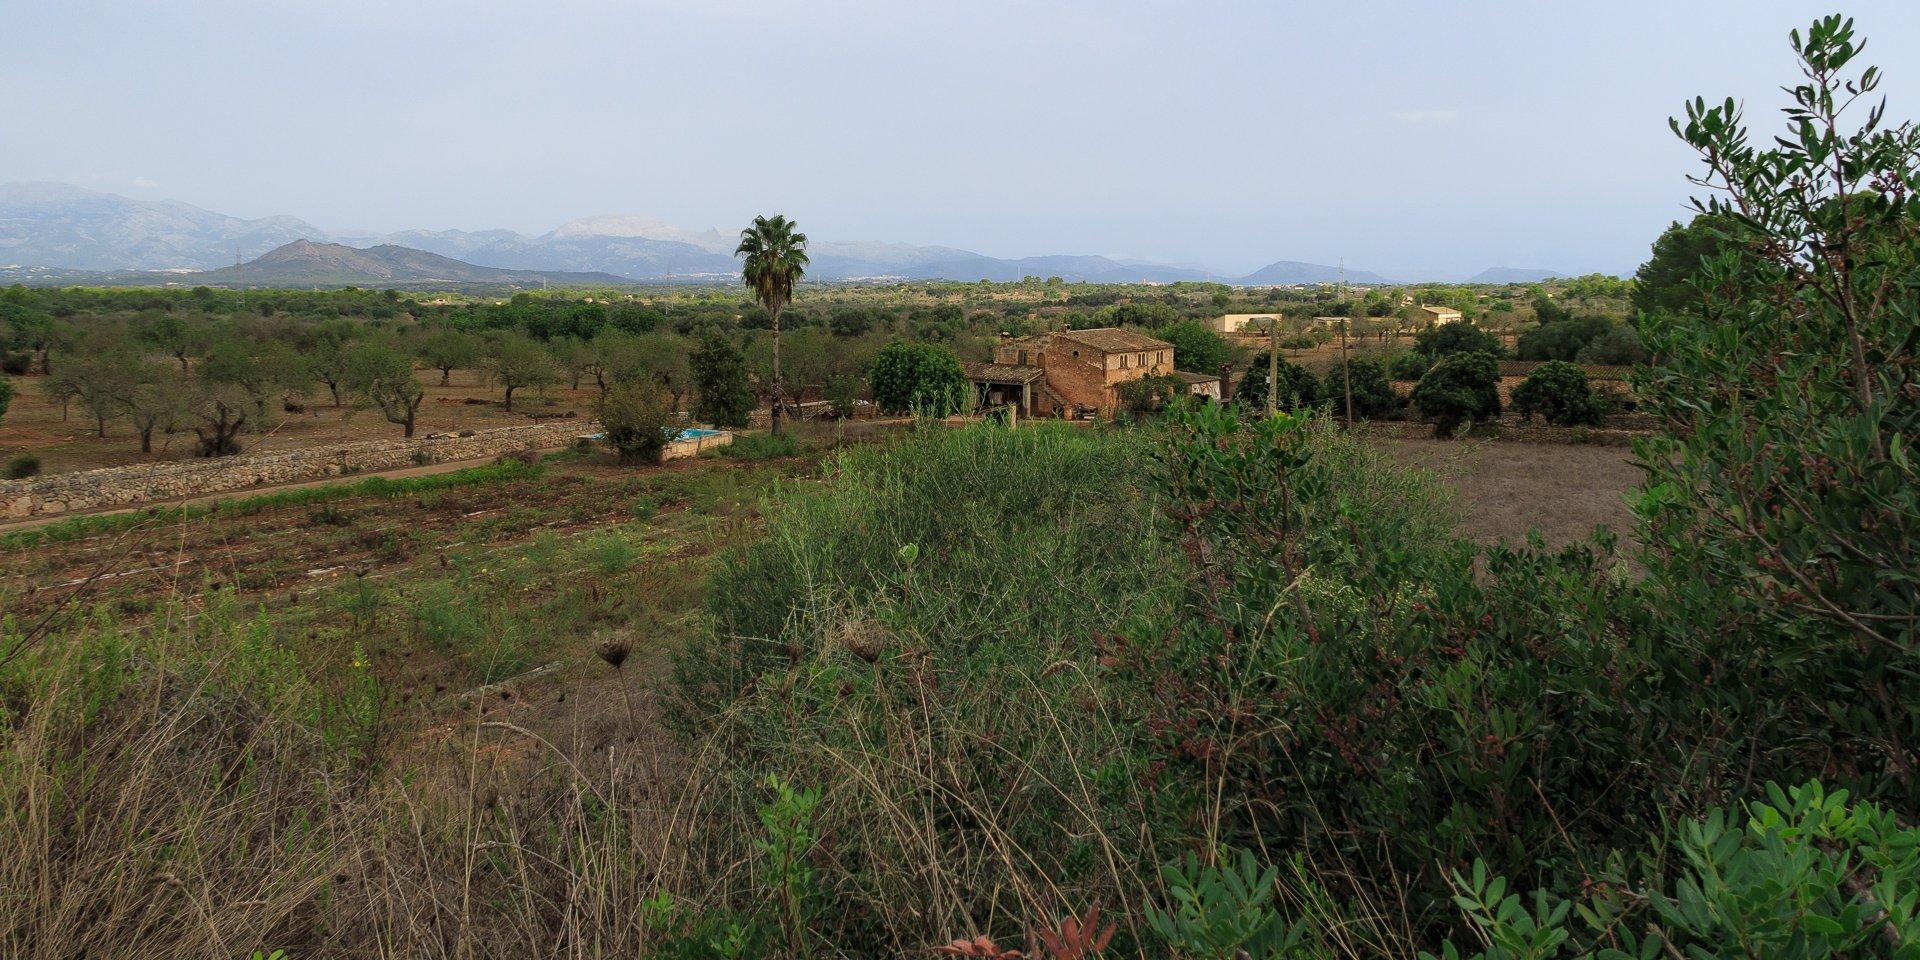 Thorsten-Mallorca-20180918-IMG 7018